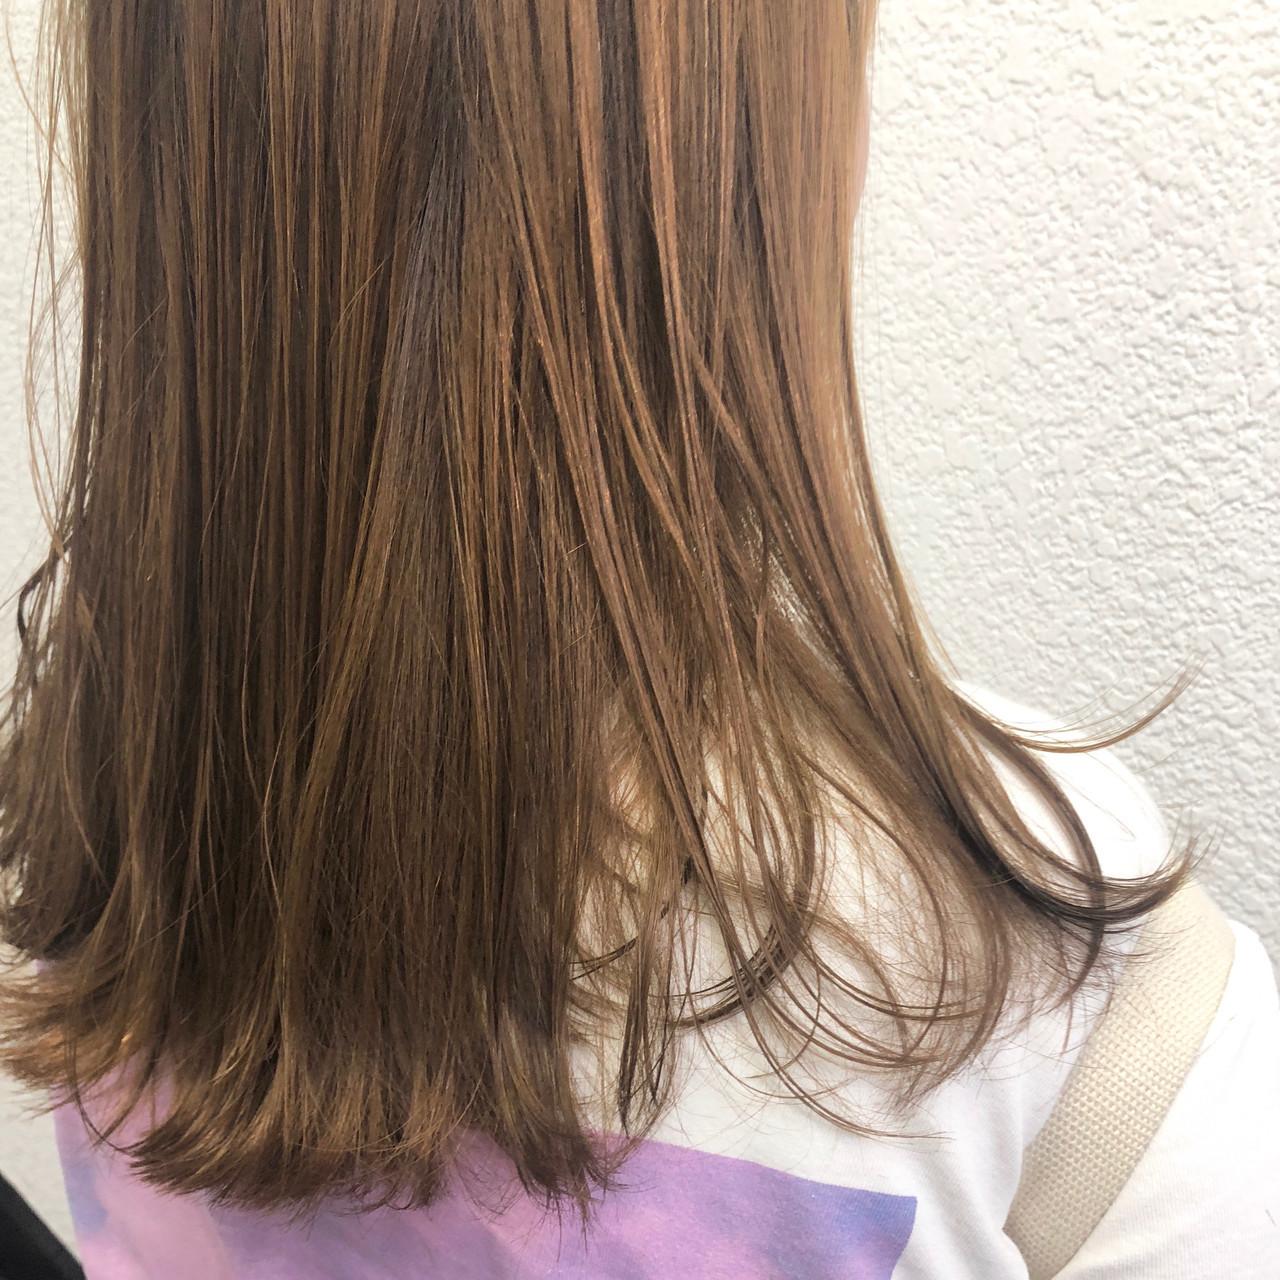 オレンジベージュ オレンジカラー ショートヘア アプリコットオレンジ ヘアスタイルや髪型の写真・画像